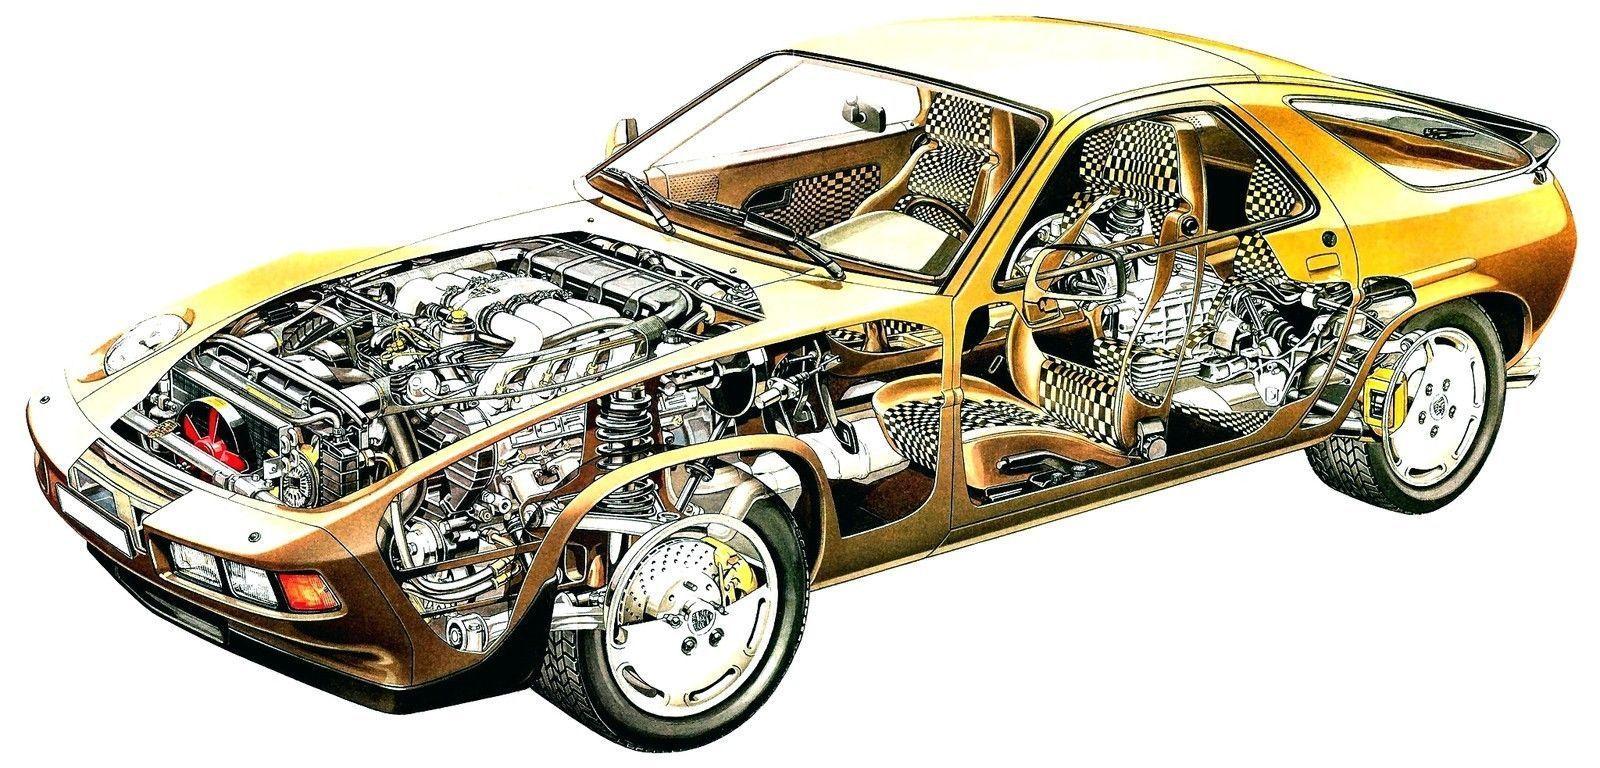 [SCHEMATICS_48ZD]  6E2741 1980 Porsche 928 Wiring Diagram | Wiring Library | Wiring Diagram Porsche 928 |  | Wiring Library